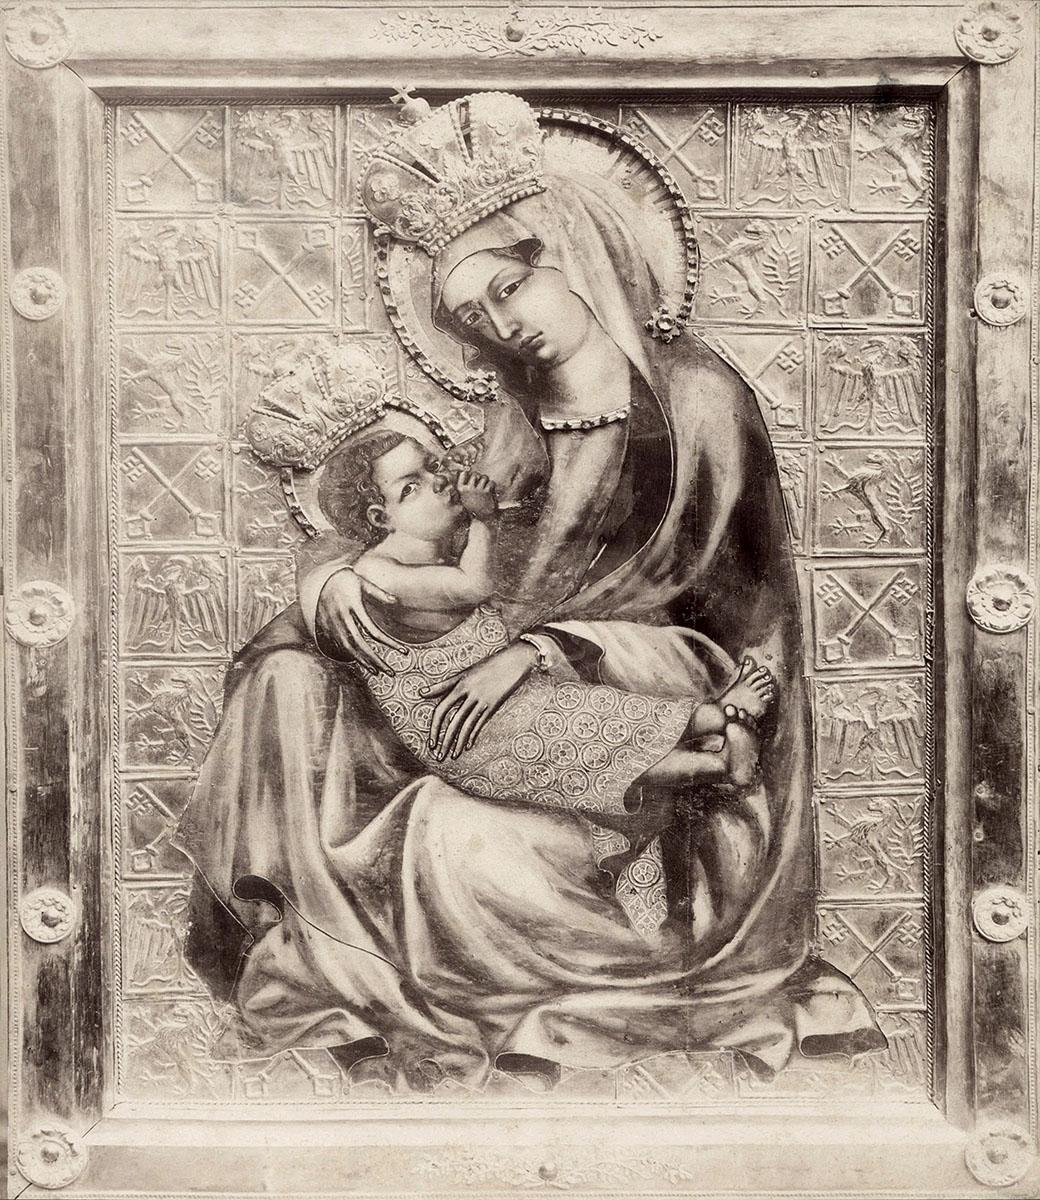 Vyšehradská bohorodička patří k tzv. madonám kojícím, přestože má prs cudně zahalený pláštěm. Zpodobněna je uprostřed rozkvetlé louky, která byla ovšem o pár desítek let překryta stříbrným příkrovem se znaky Vyšehradské kapituly. O pár století později se pak Ježíšek i Panna Marie dočkali také stříbrných korunek. Oba tyto doplňky byly ovšem z obrazu sňaty a madona se tak dnes představuje ve své původní podobě.